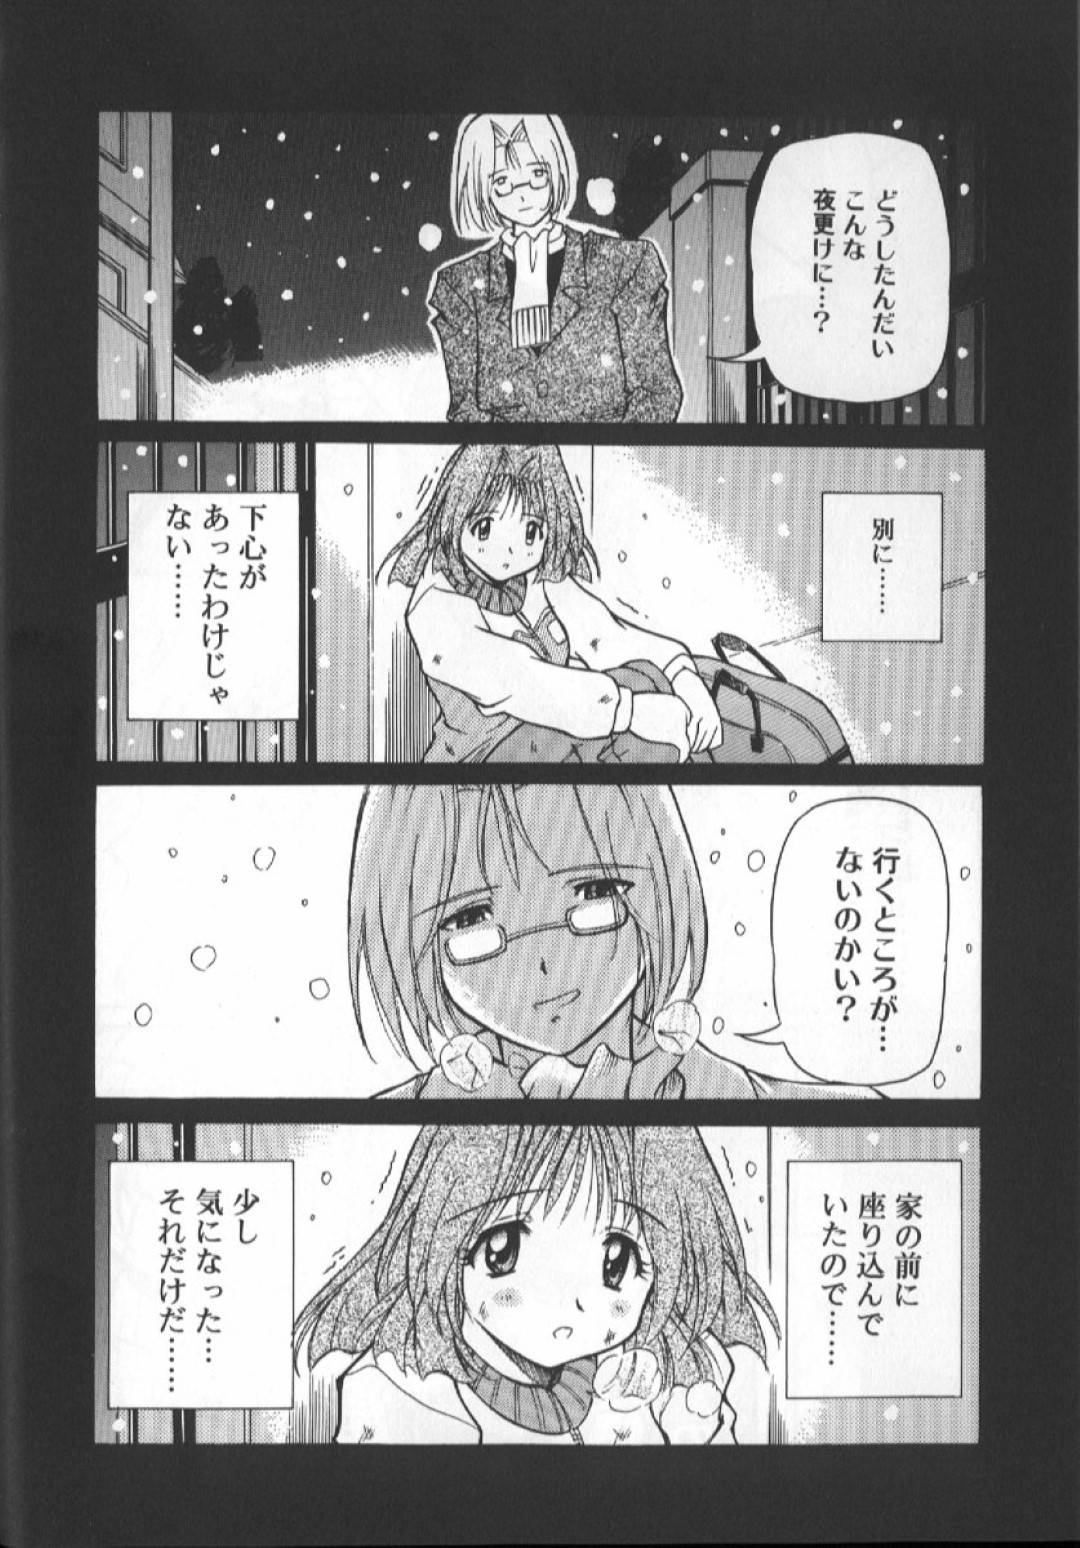 【エロ漫画】男に調教される少女は拘束生ハメ鬼畜プレイで中出しされてイッてしまう